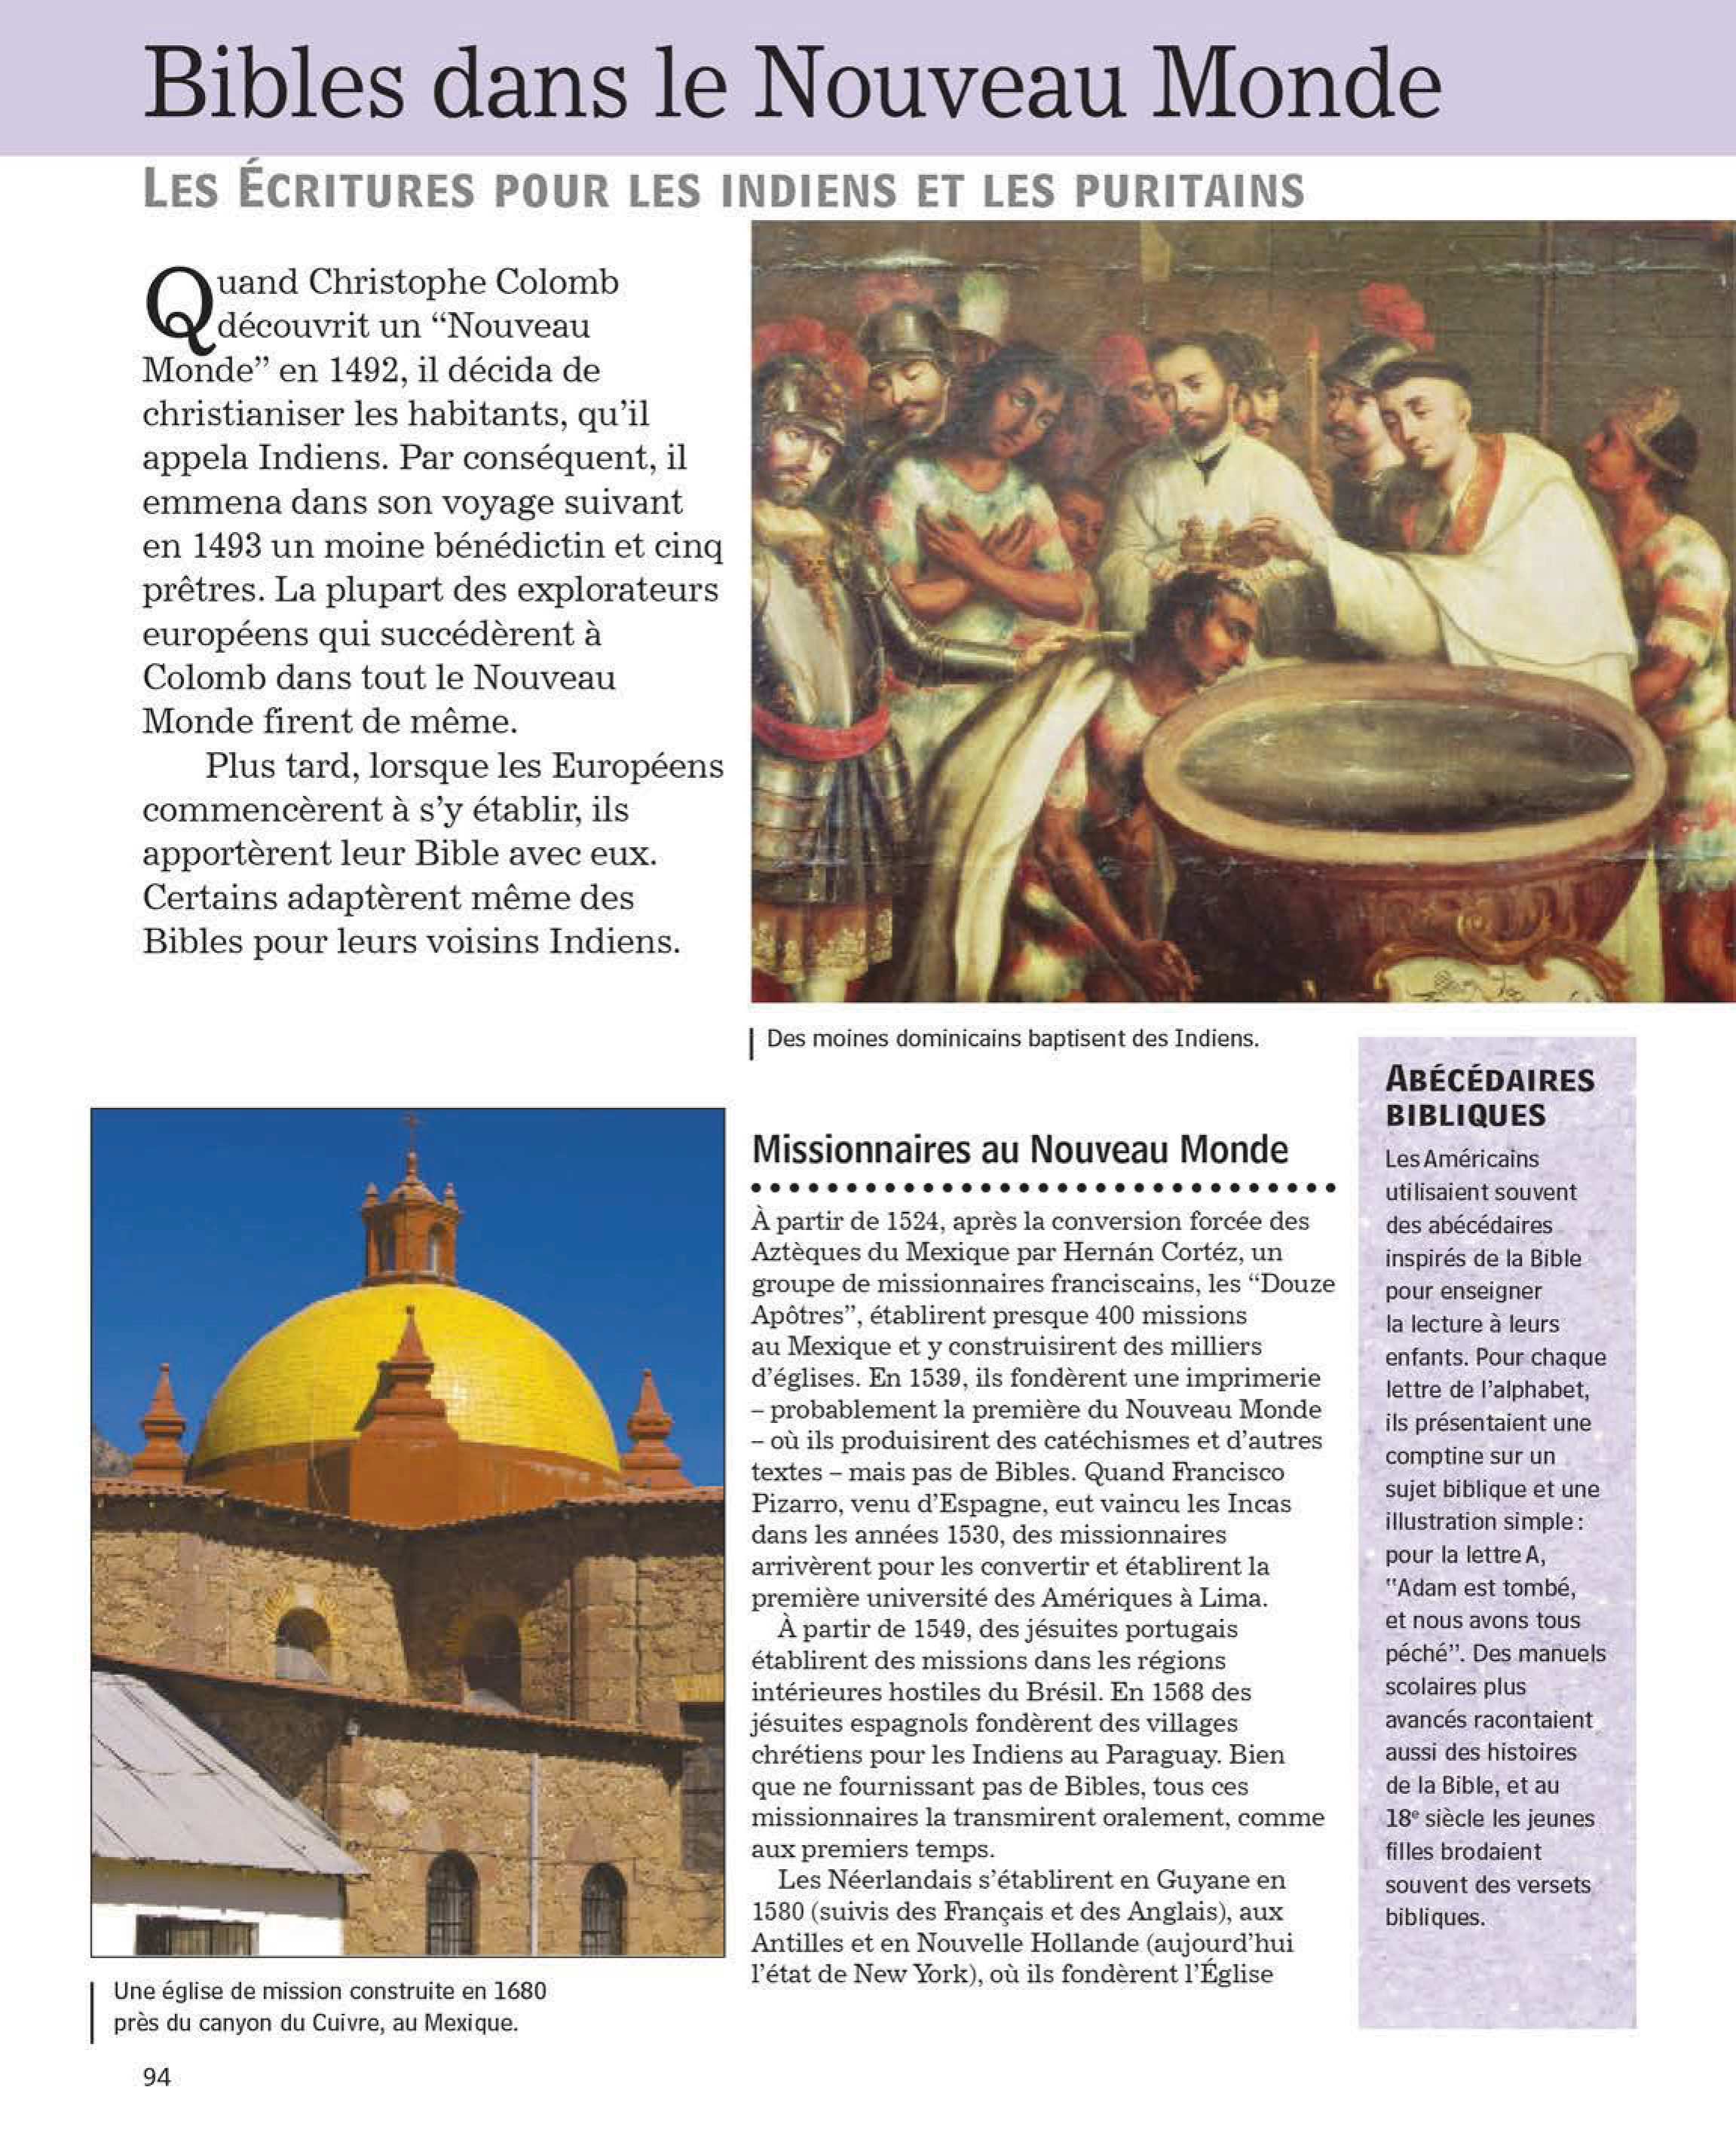 La Bible, Guide historique illustré